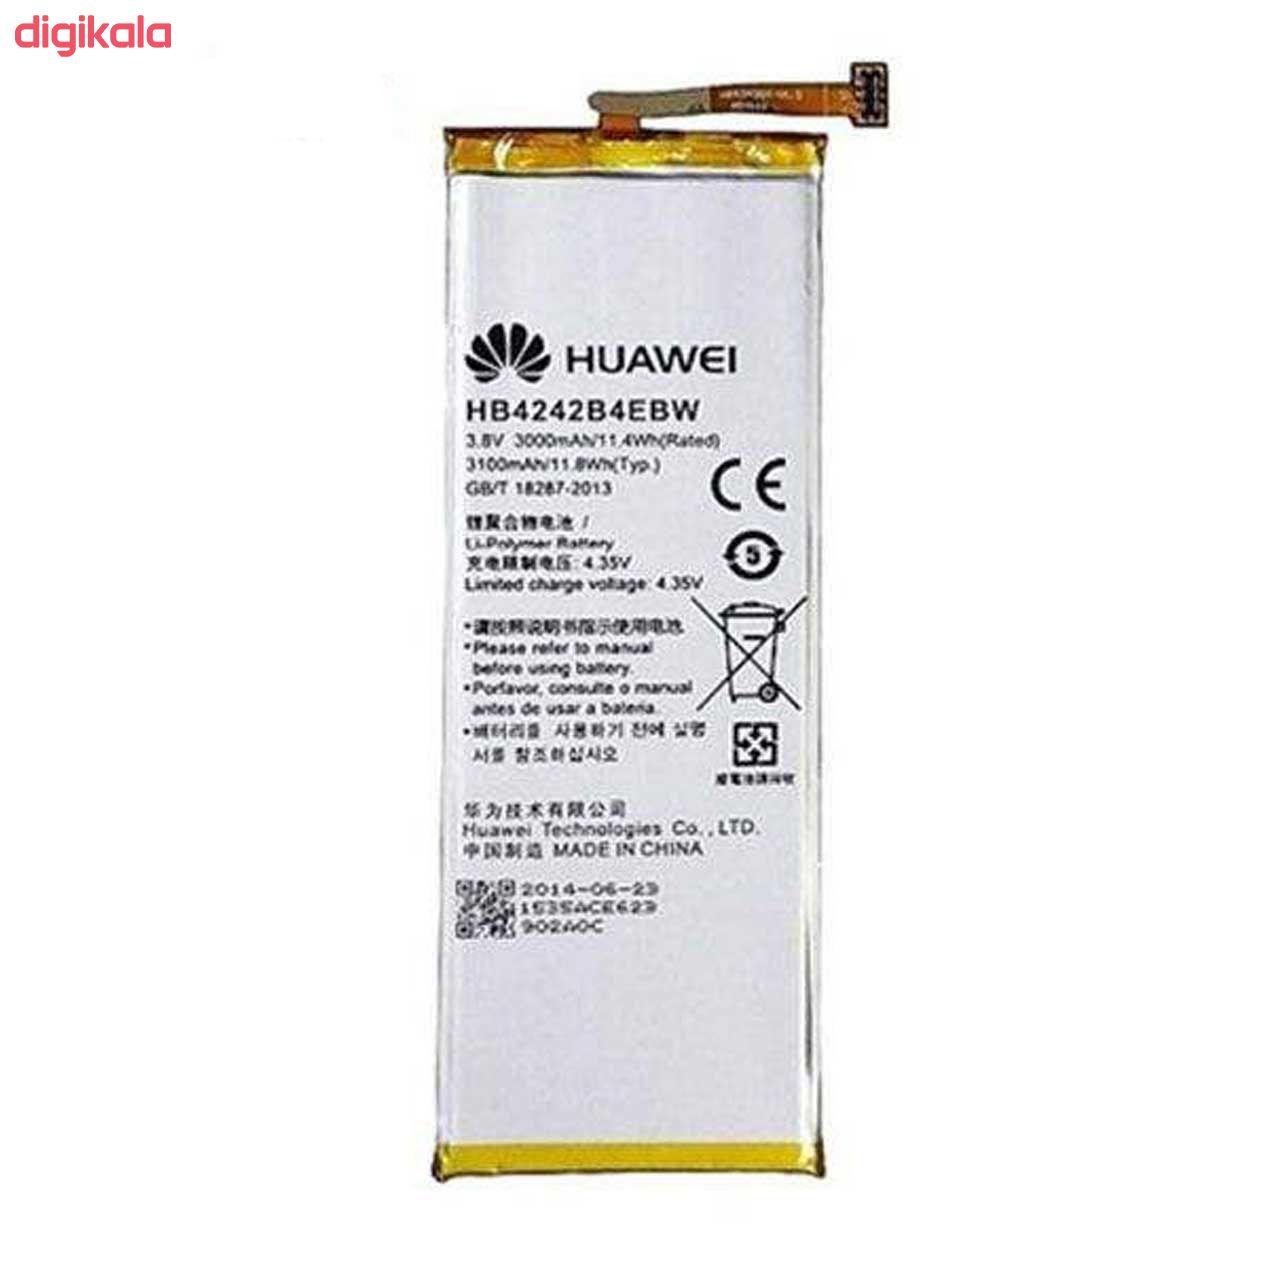 باتری موبایل مدل HB4242B4EBW ظرفیت 3000 میلی امپر ساعت مناسب برای گوشی موبایل آنر 4X main 1 1